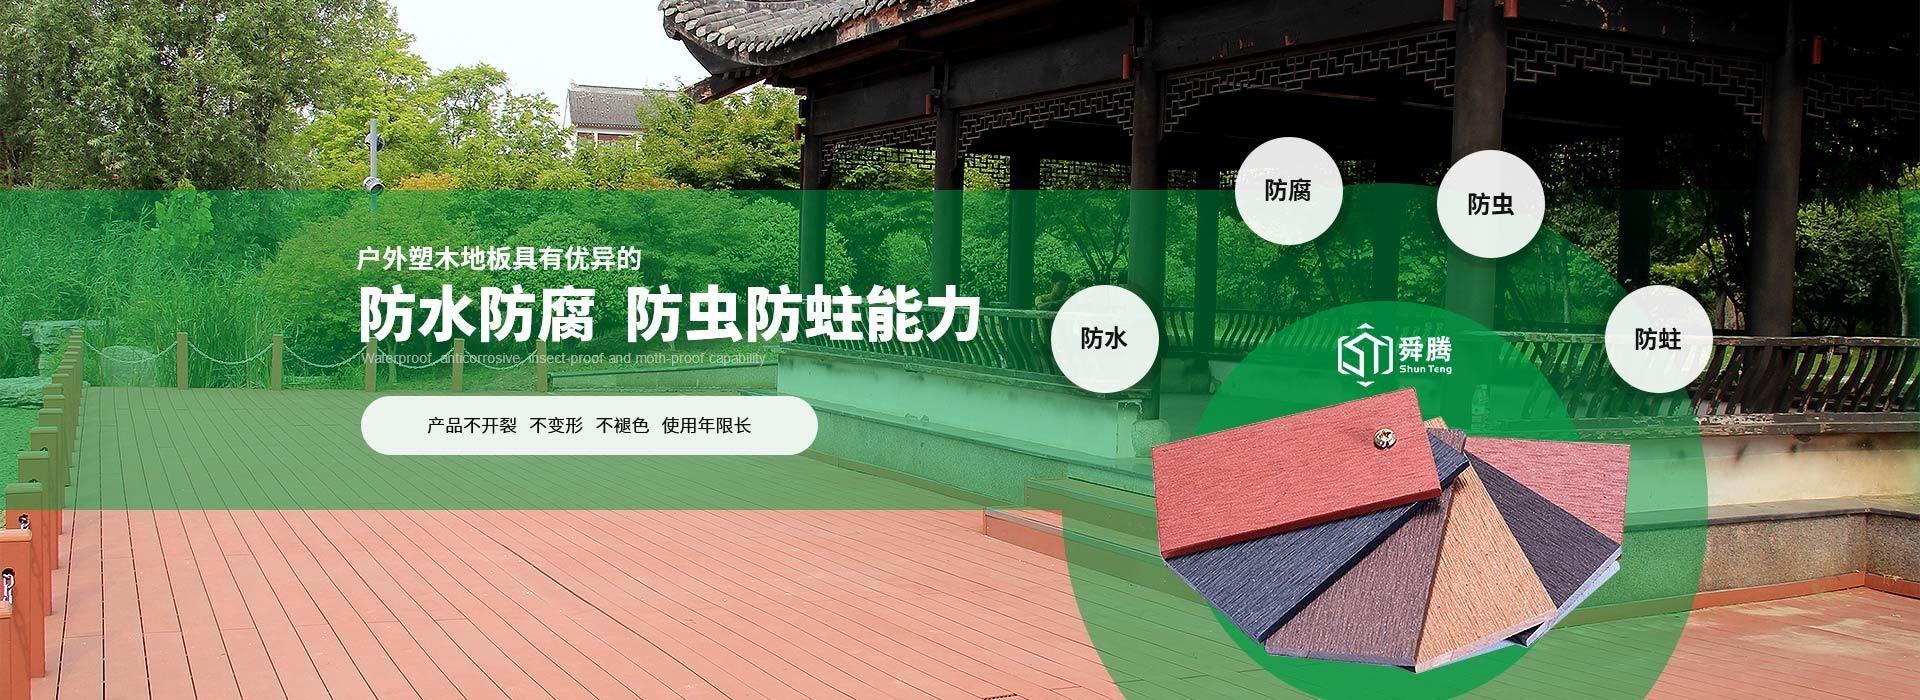 舜腾户外塑木地板具有防水防腐/防虫防蛀能力